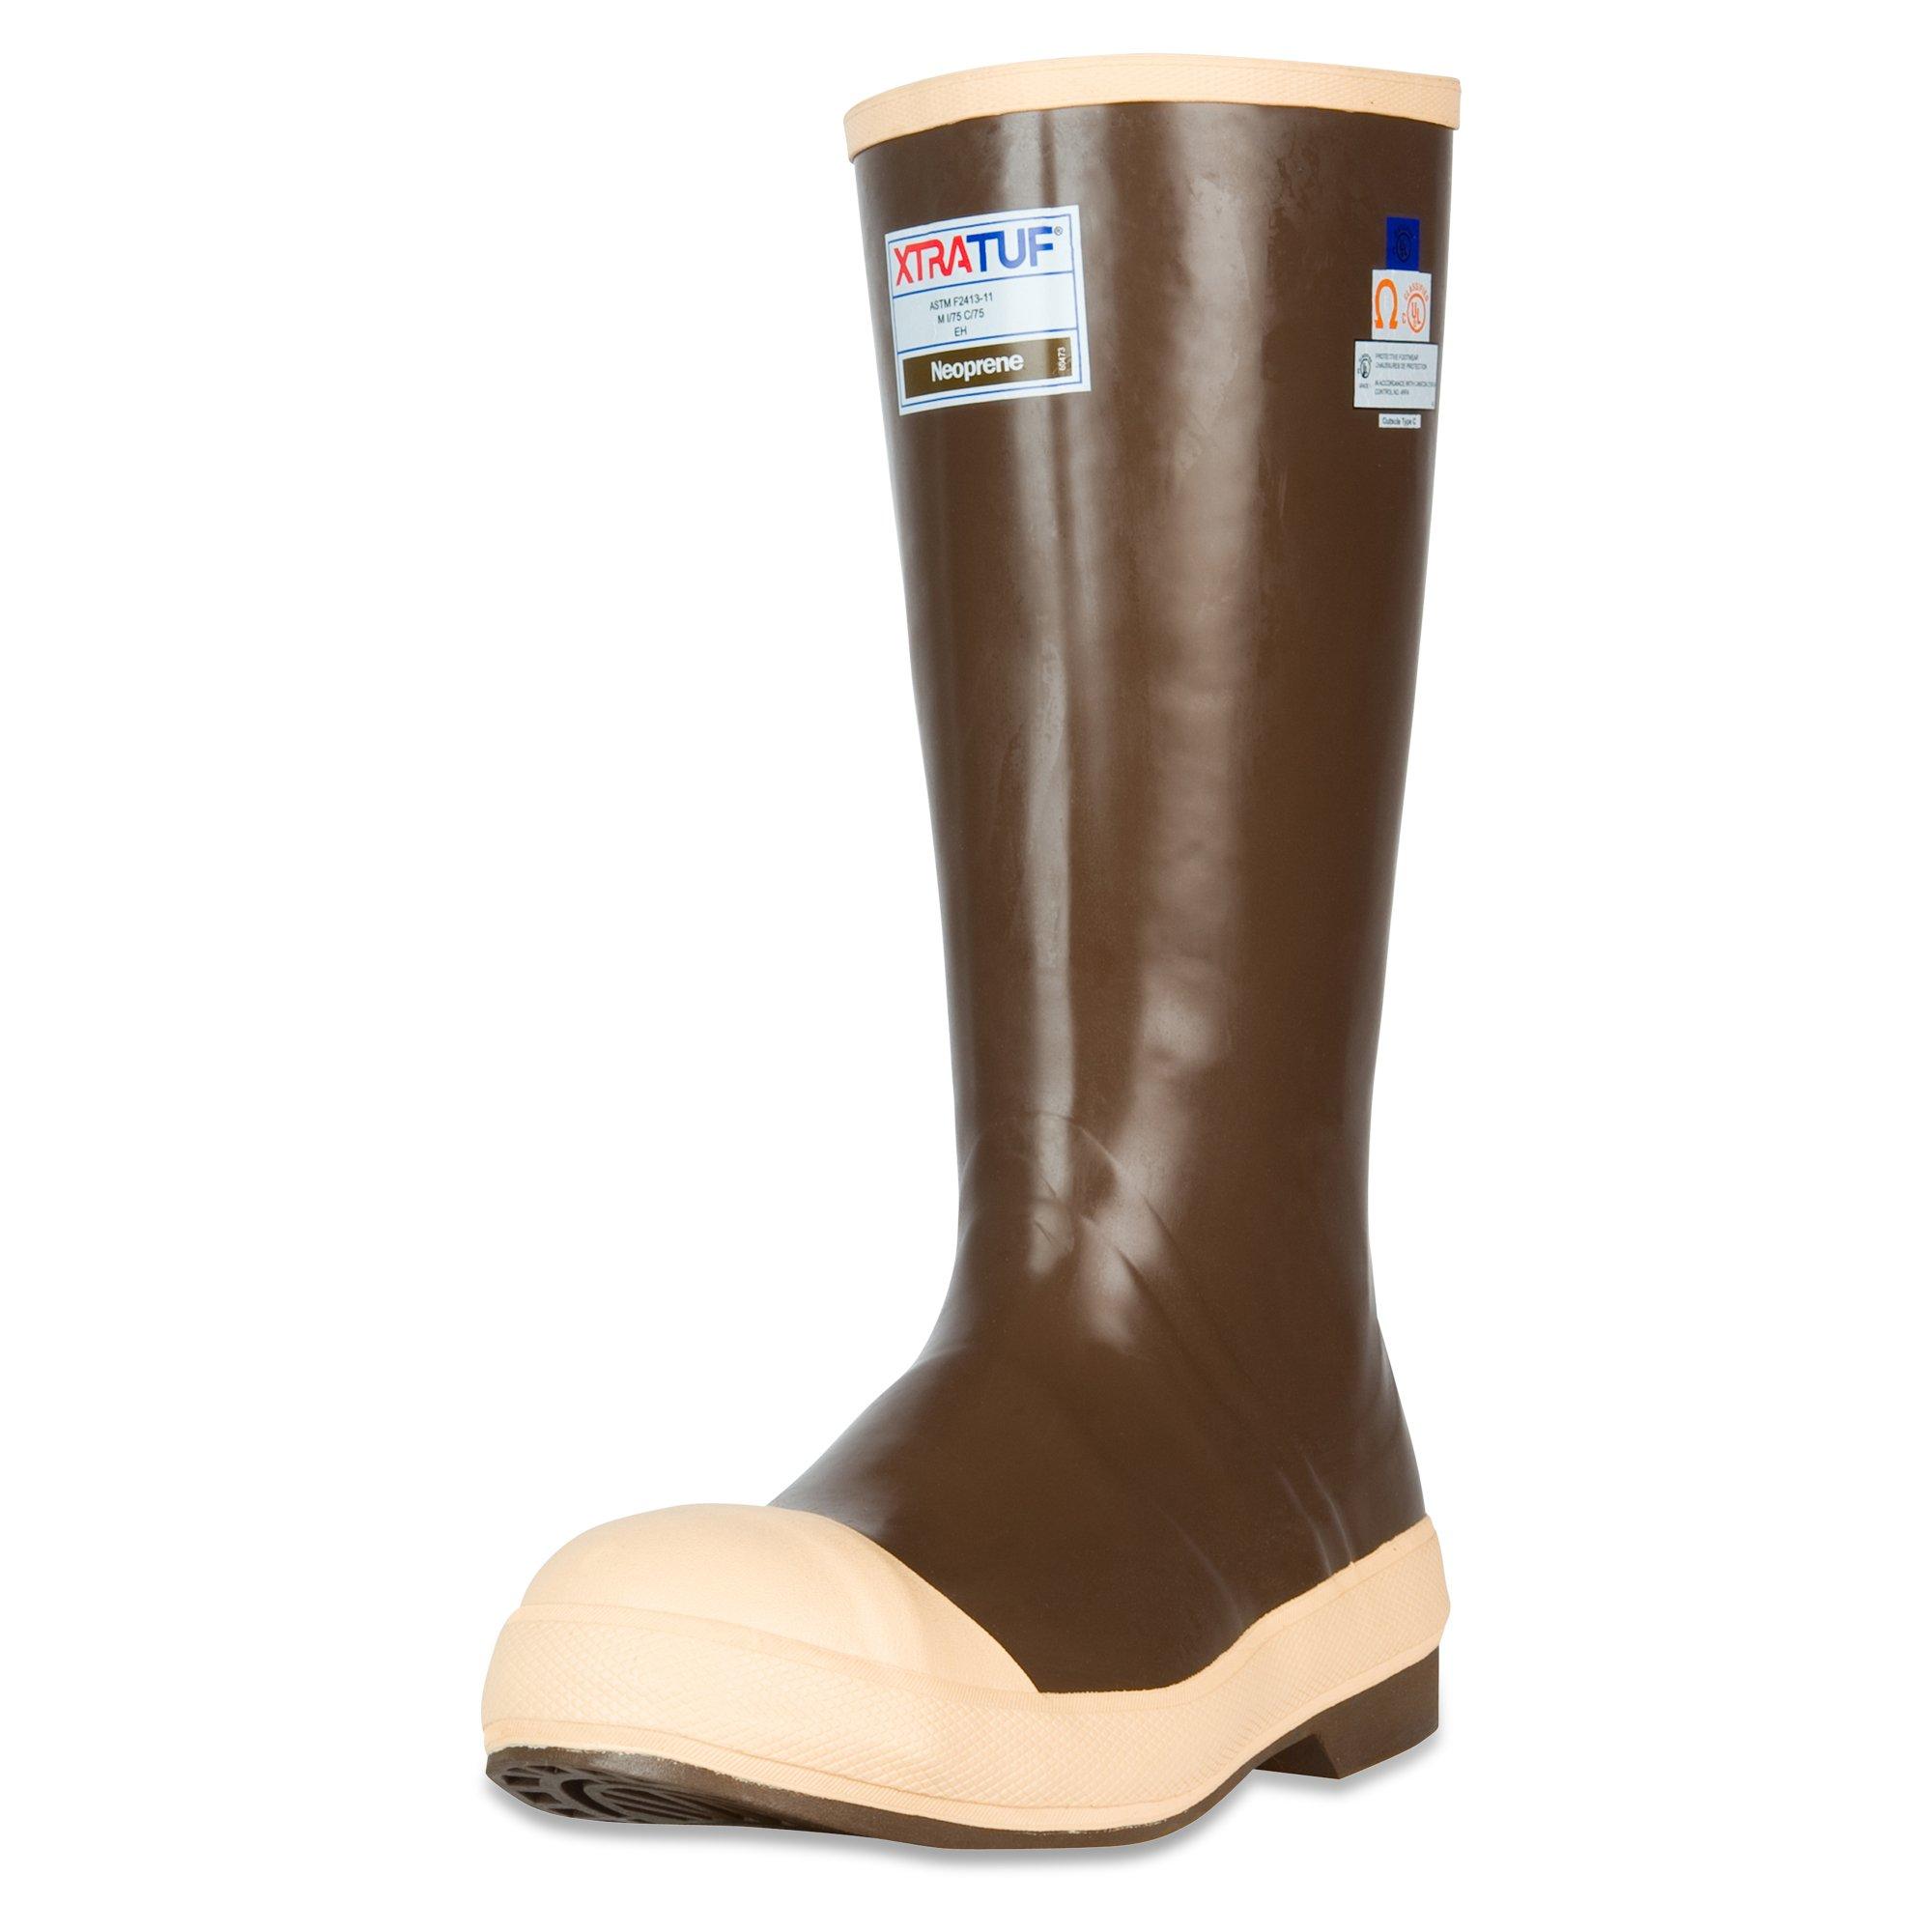 XTRATUF Legacy Series 15'' Neoprene Steel Toe Men's Fishing Boots, Copper & Tan (22271G)